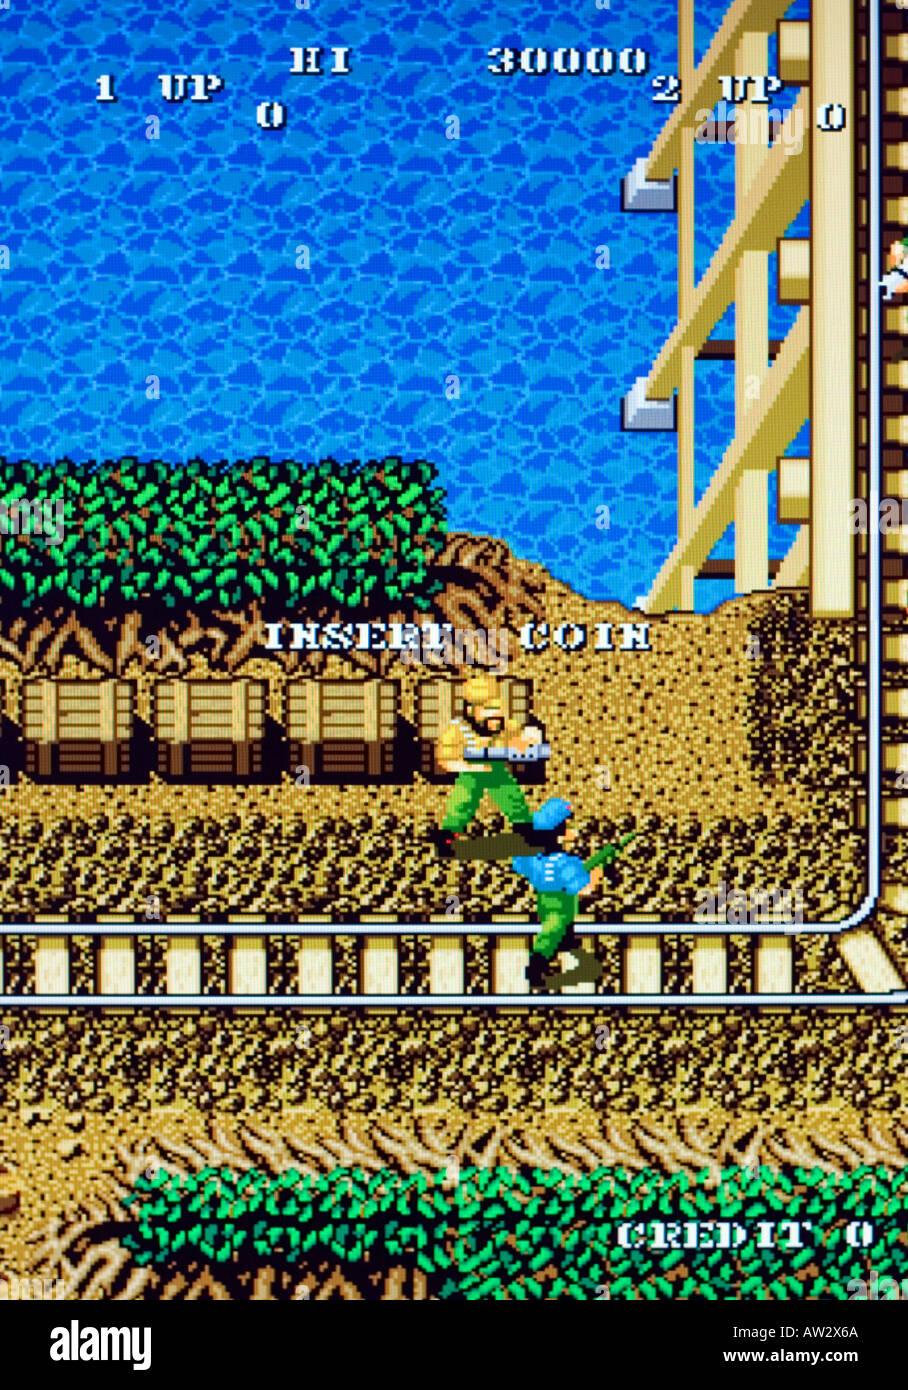 Guerrilla War Snk Corp 1987 Vintage Arcade Videogame Screen Shot Stock Photo Alamy